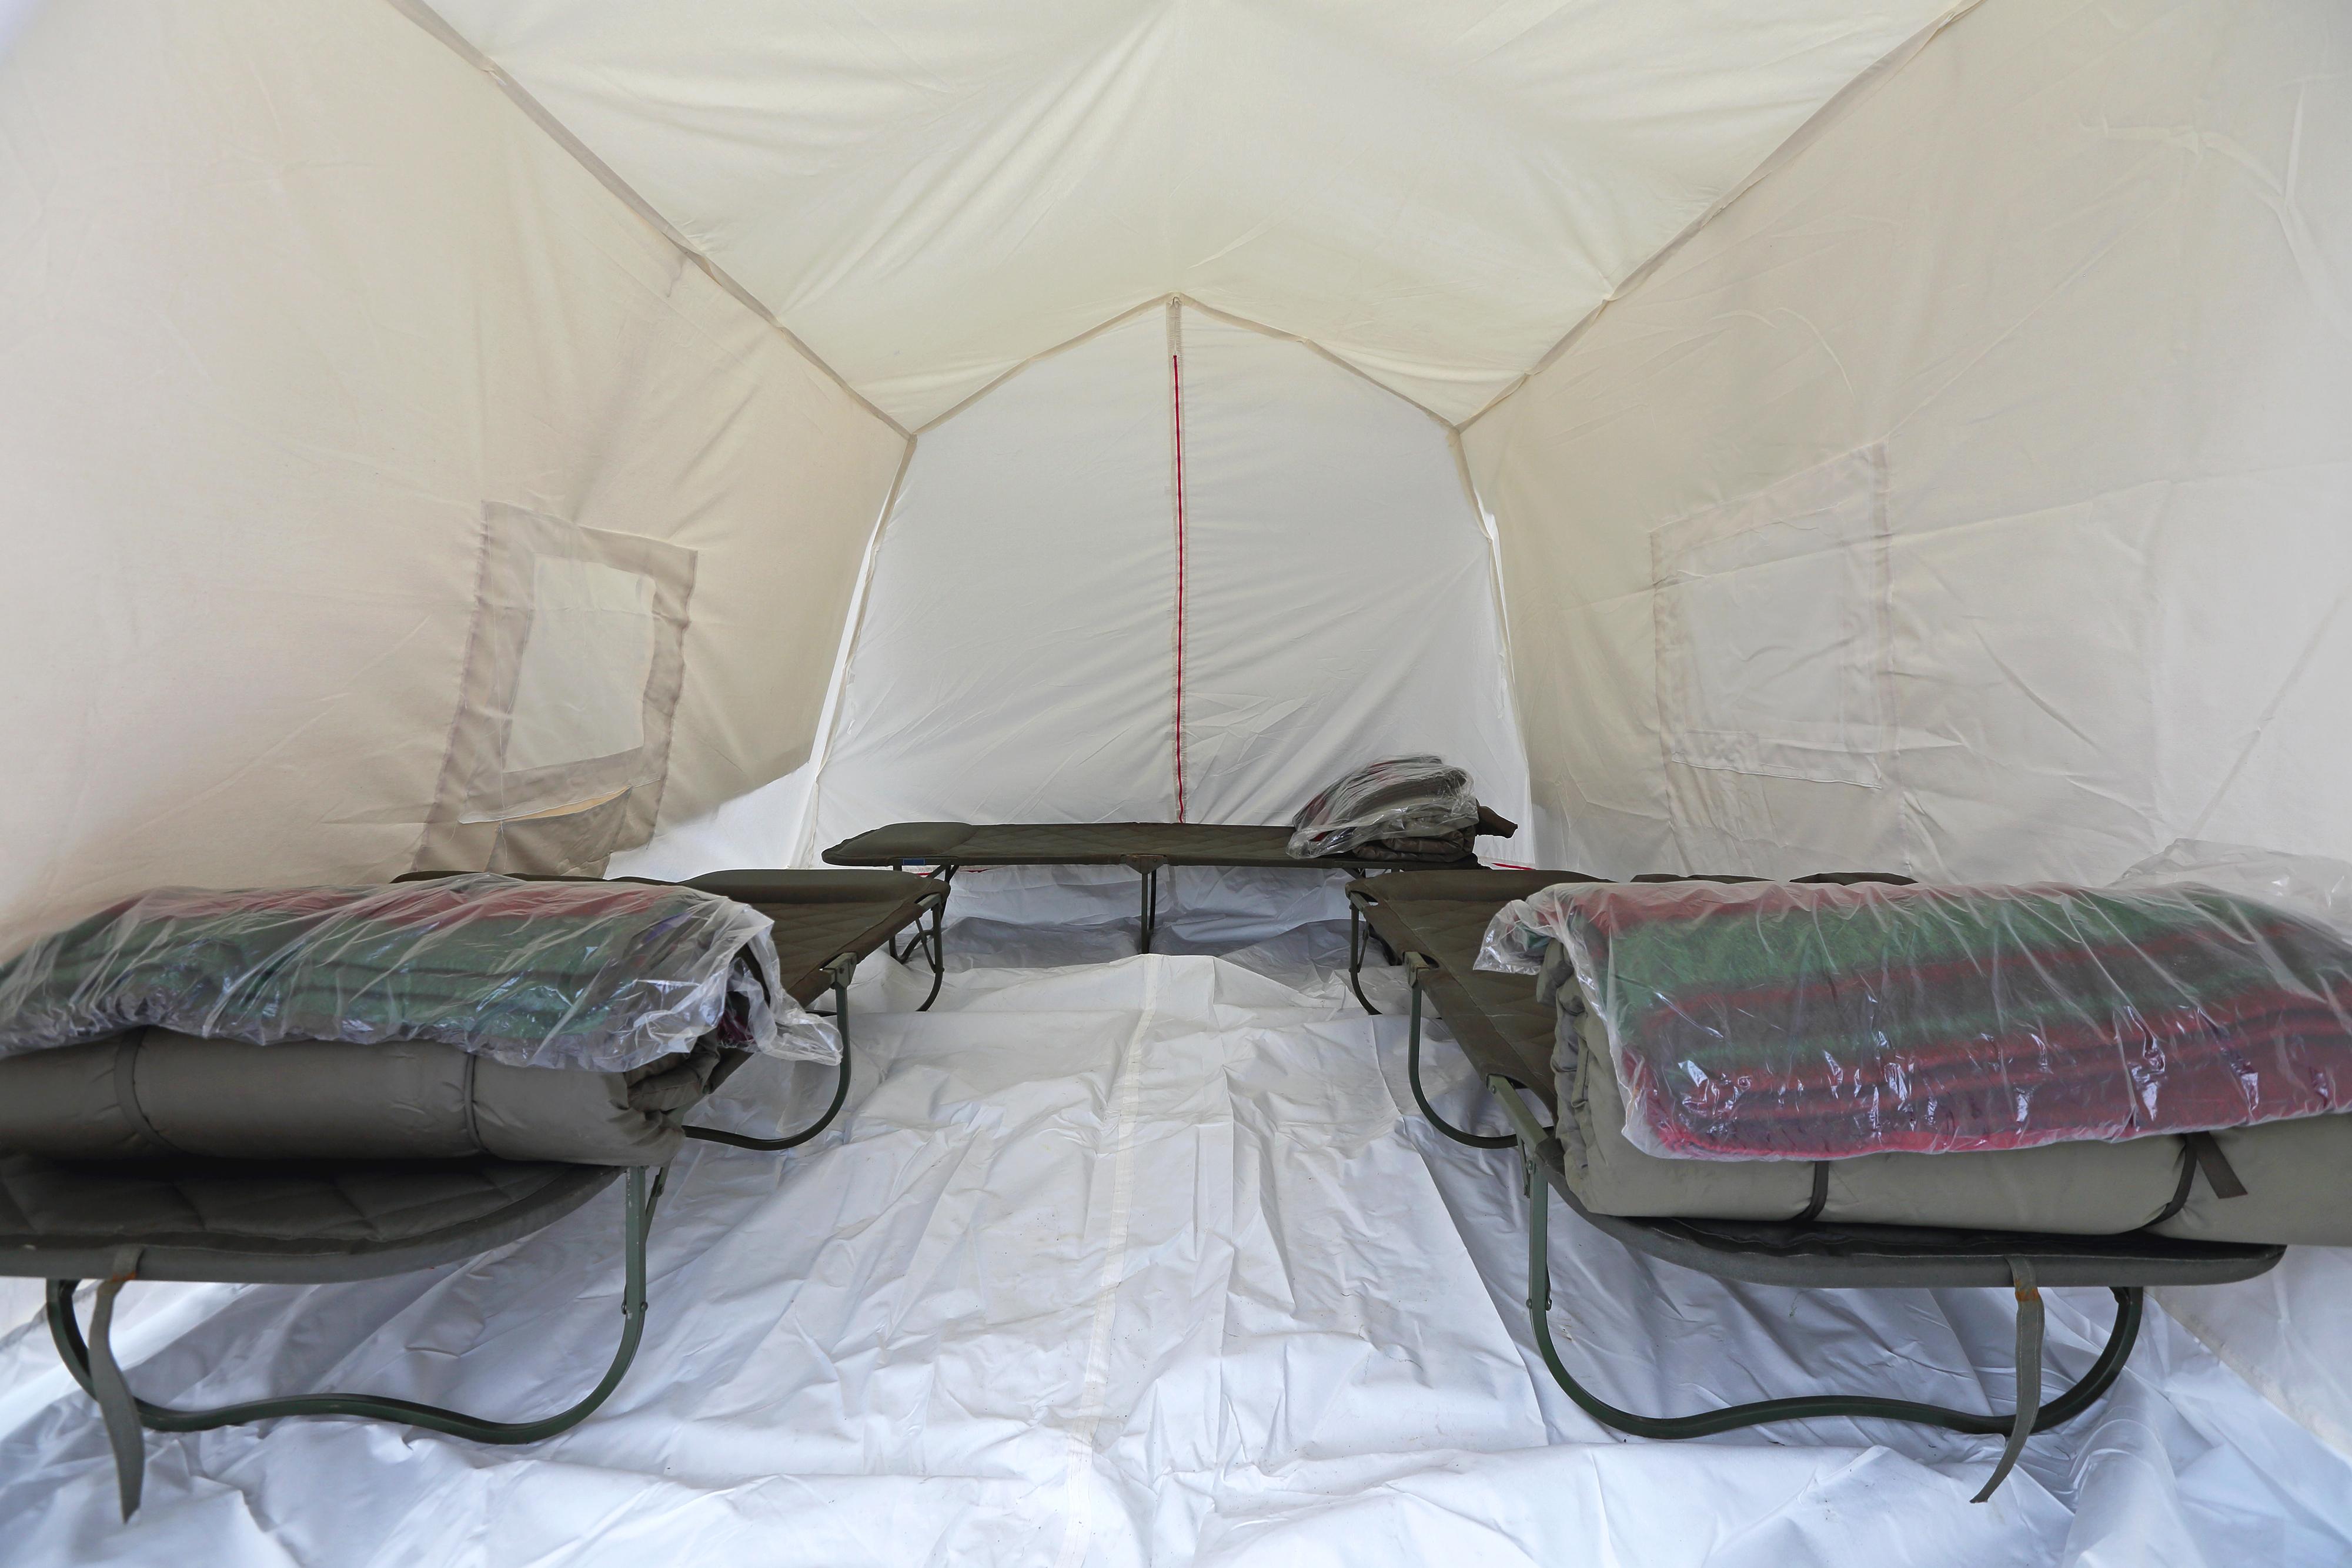 FEMA Katrina shelter